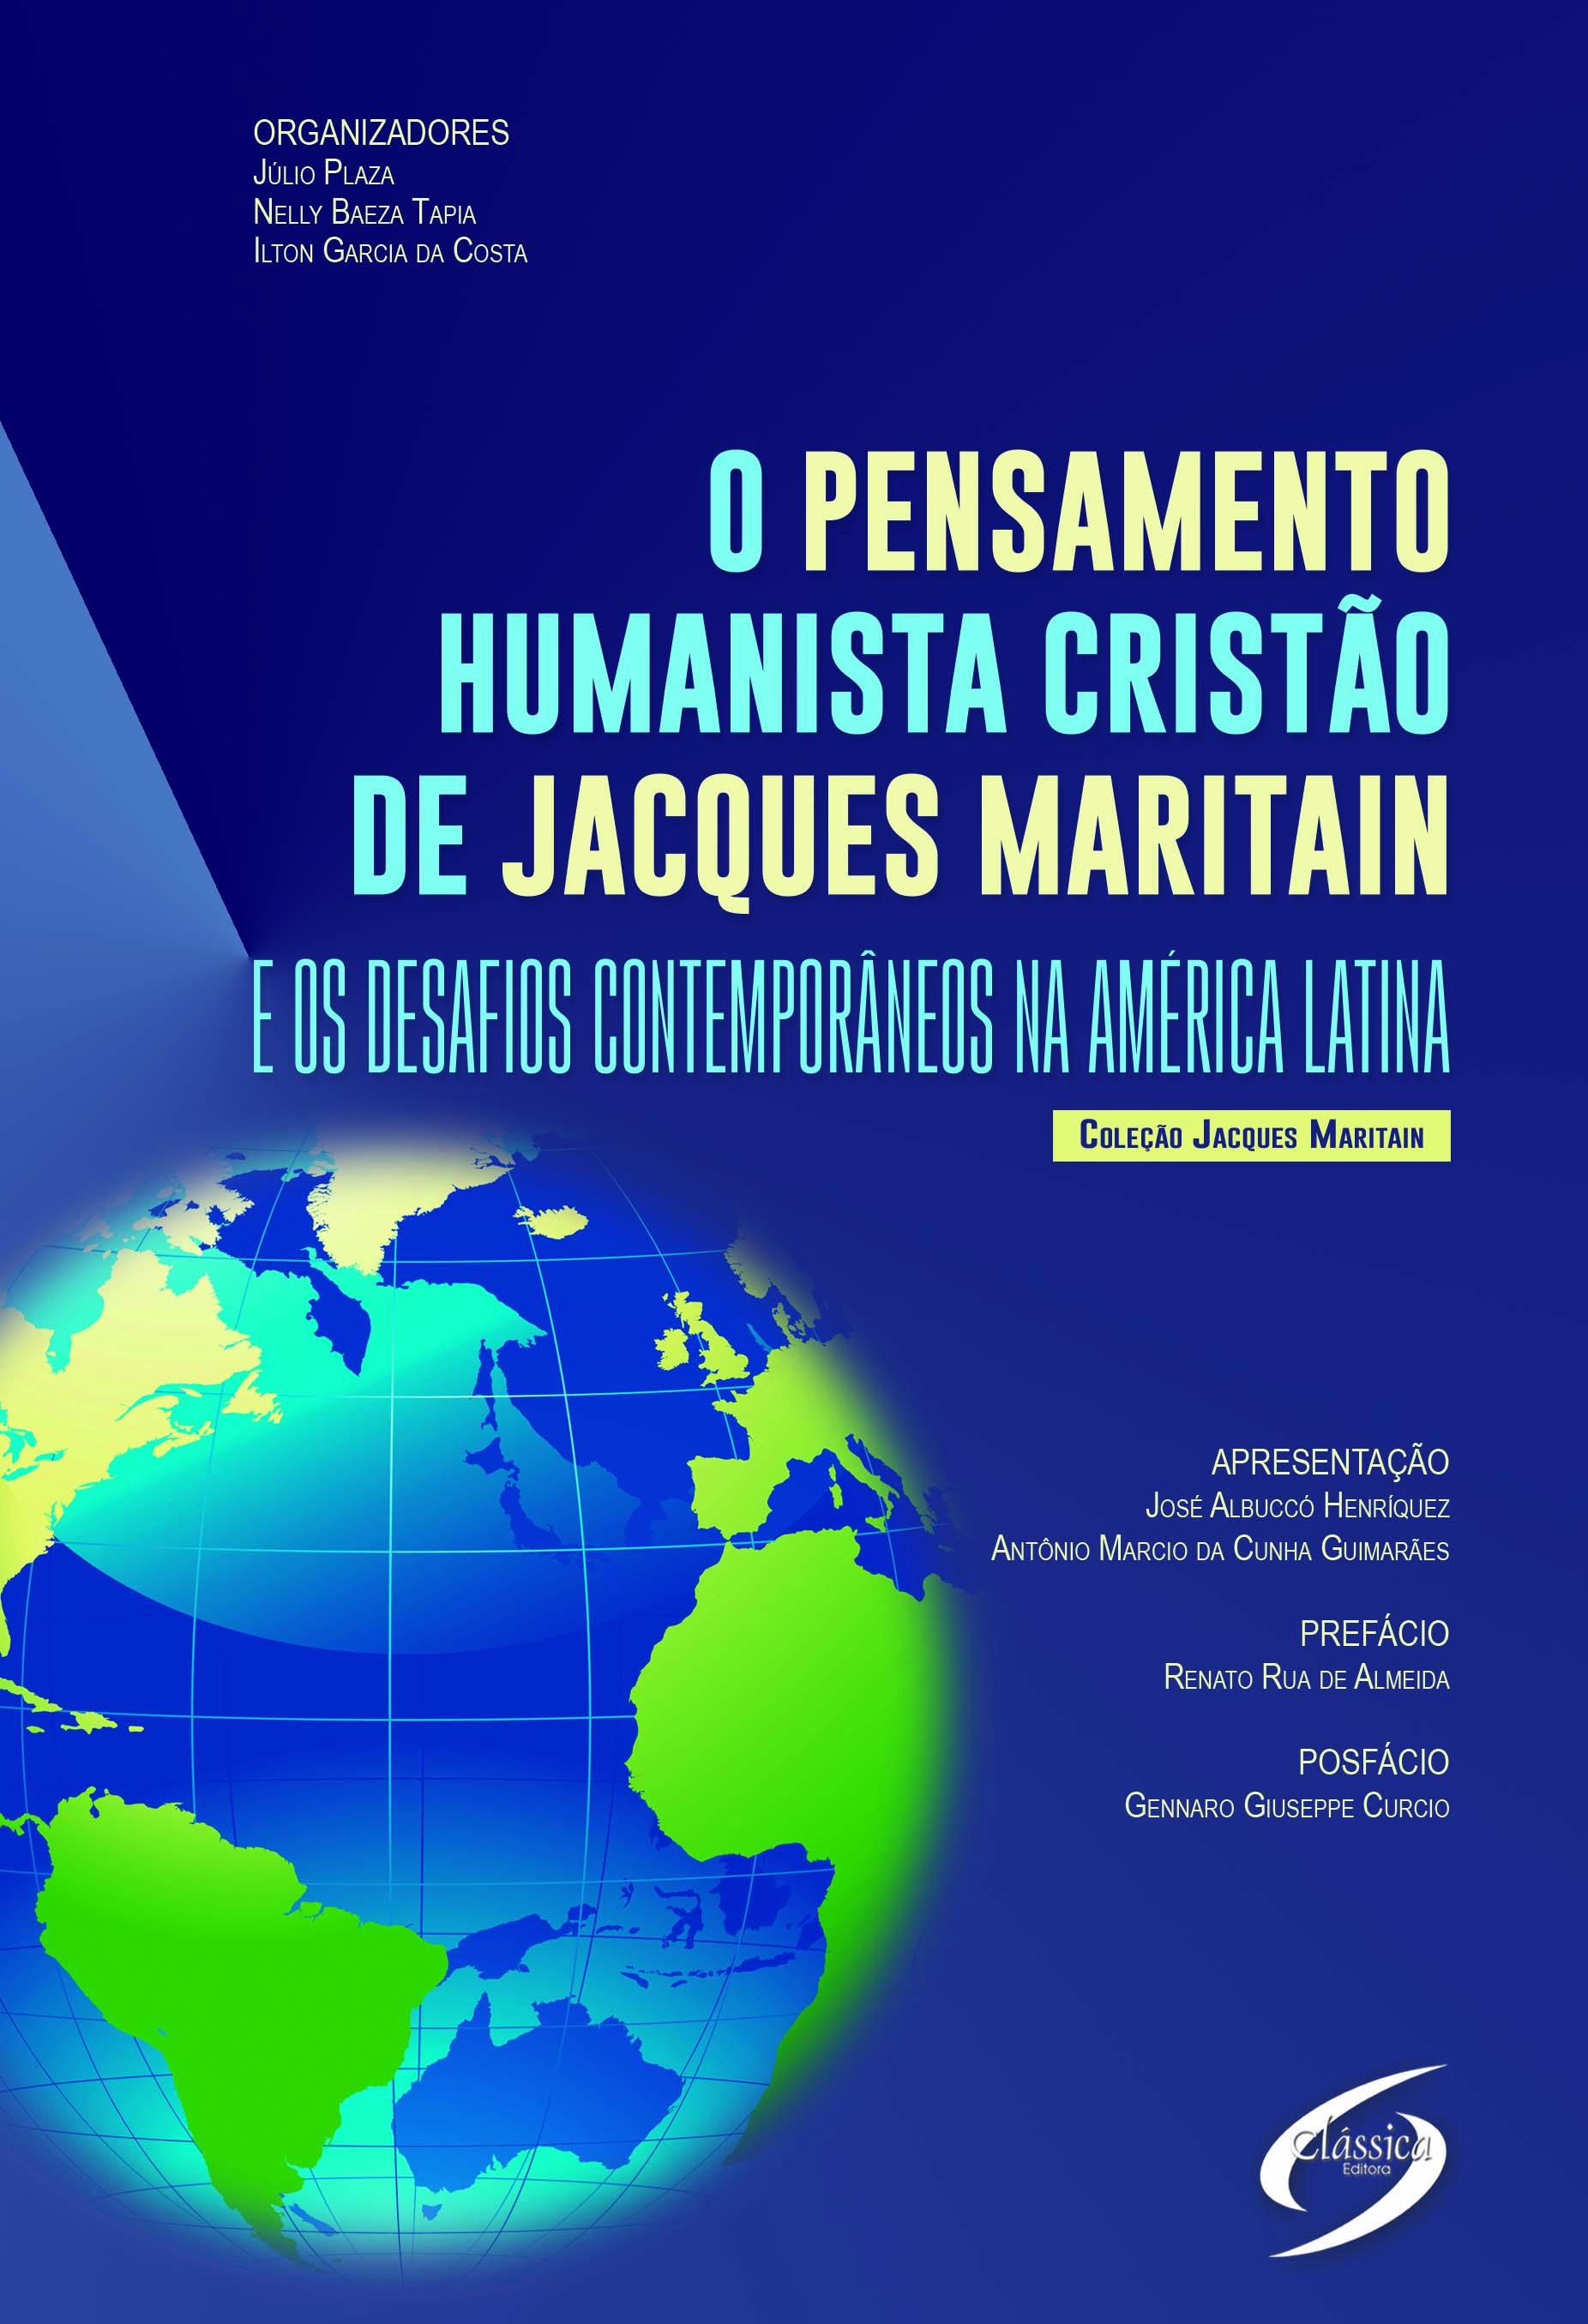 O pensamento Humanista Cristão de Jacques Maritain e os Desafios Contemporâneos na América Latina